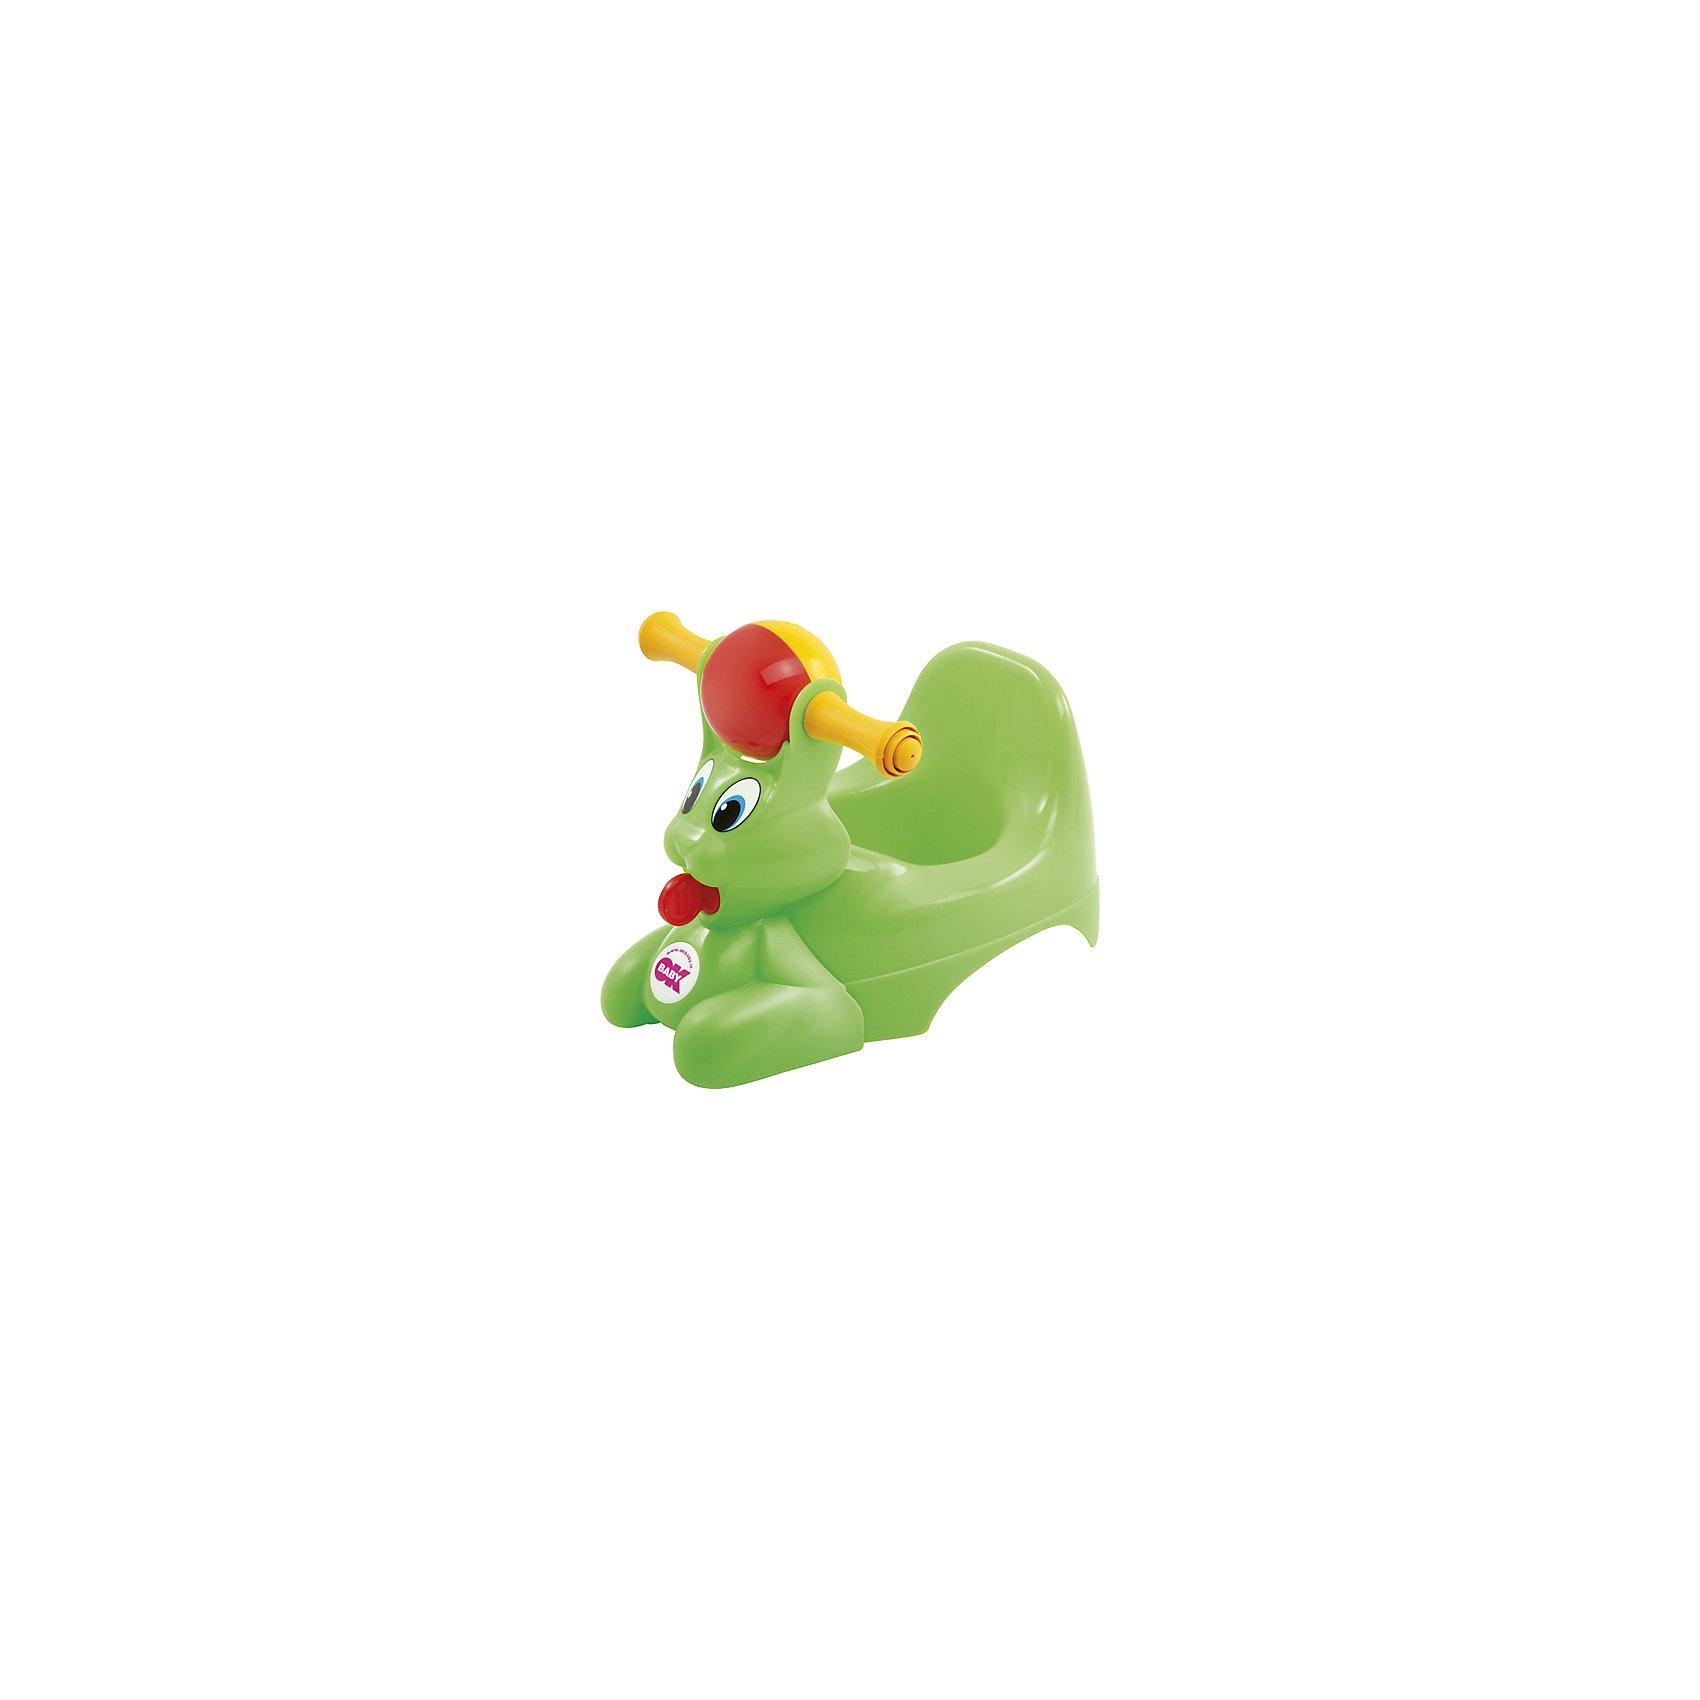 Горшок Spidy, OK Baby, зеленый